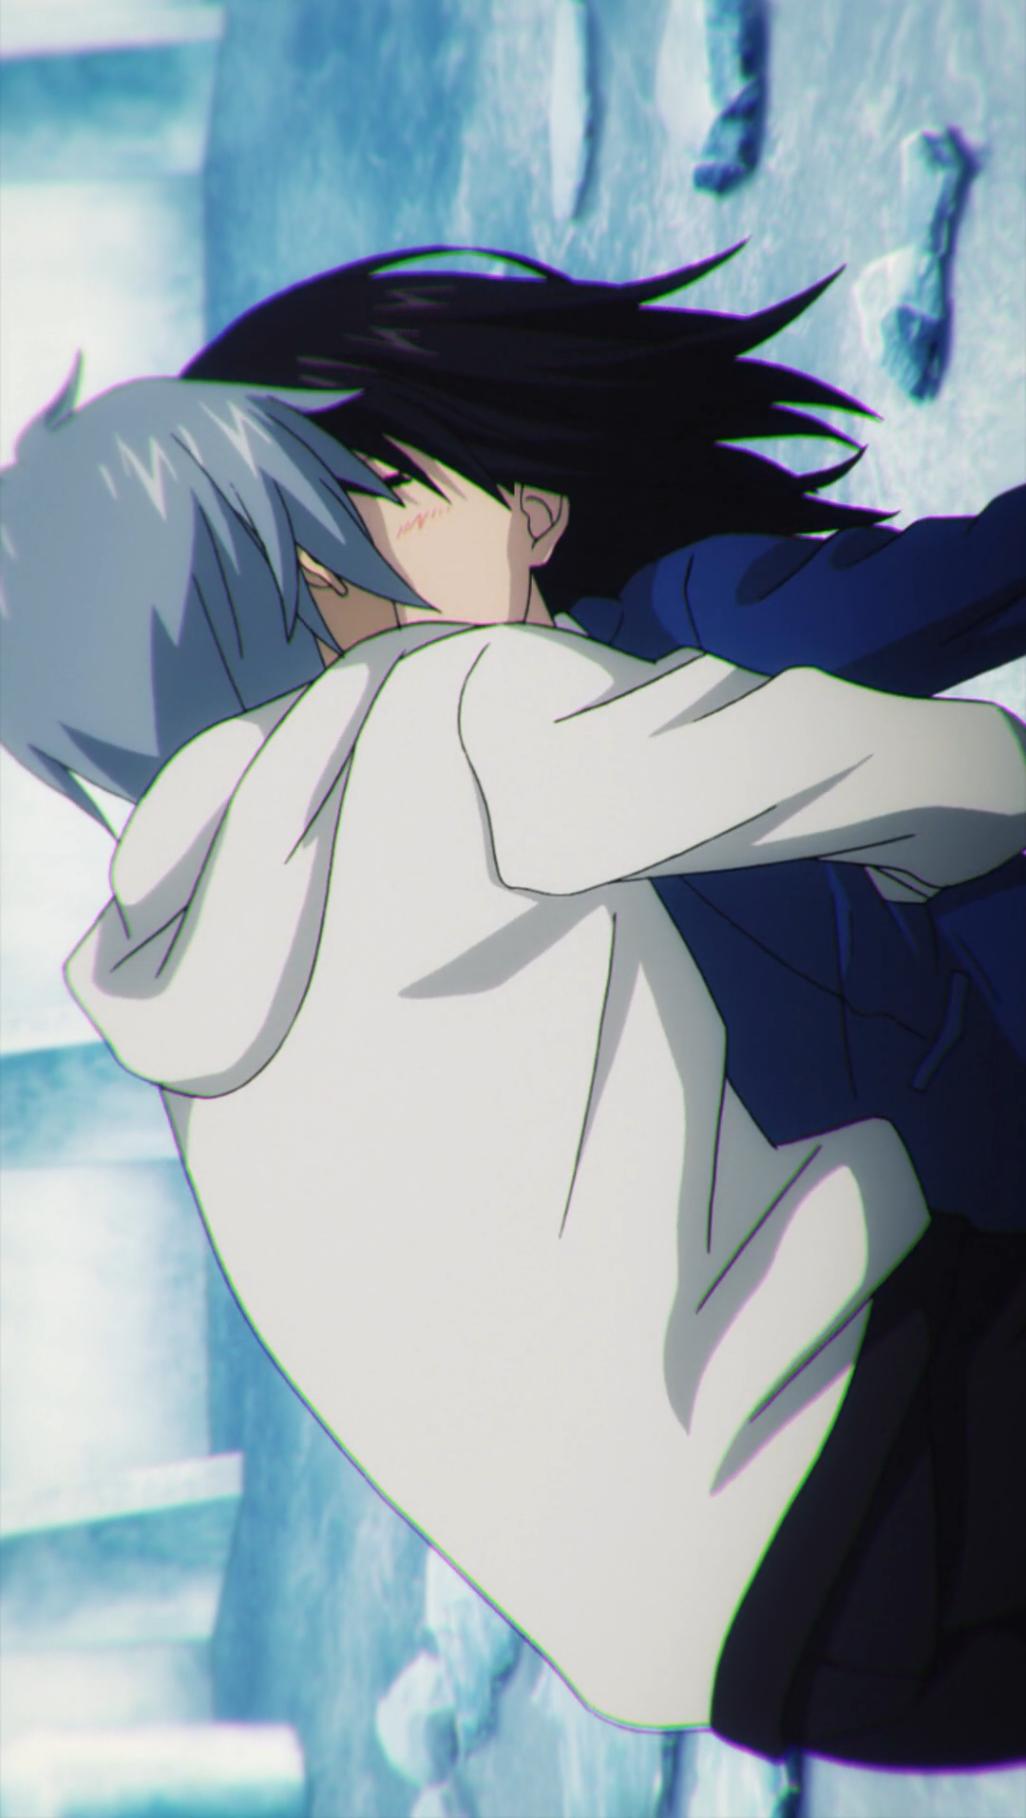 Kojou x Yukina Strike the Blood Parejas de anime, Arte manga